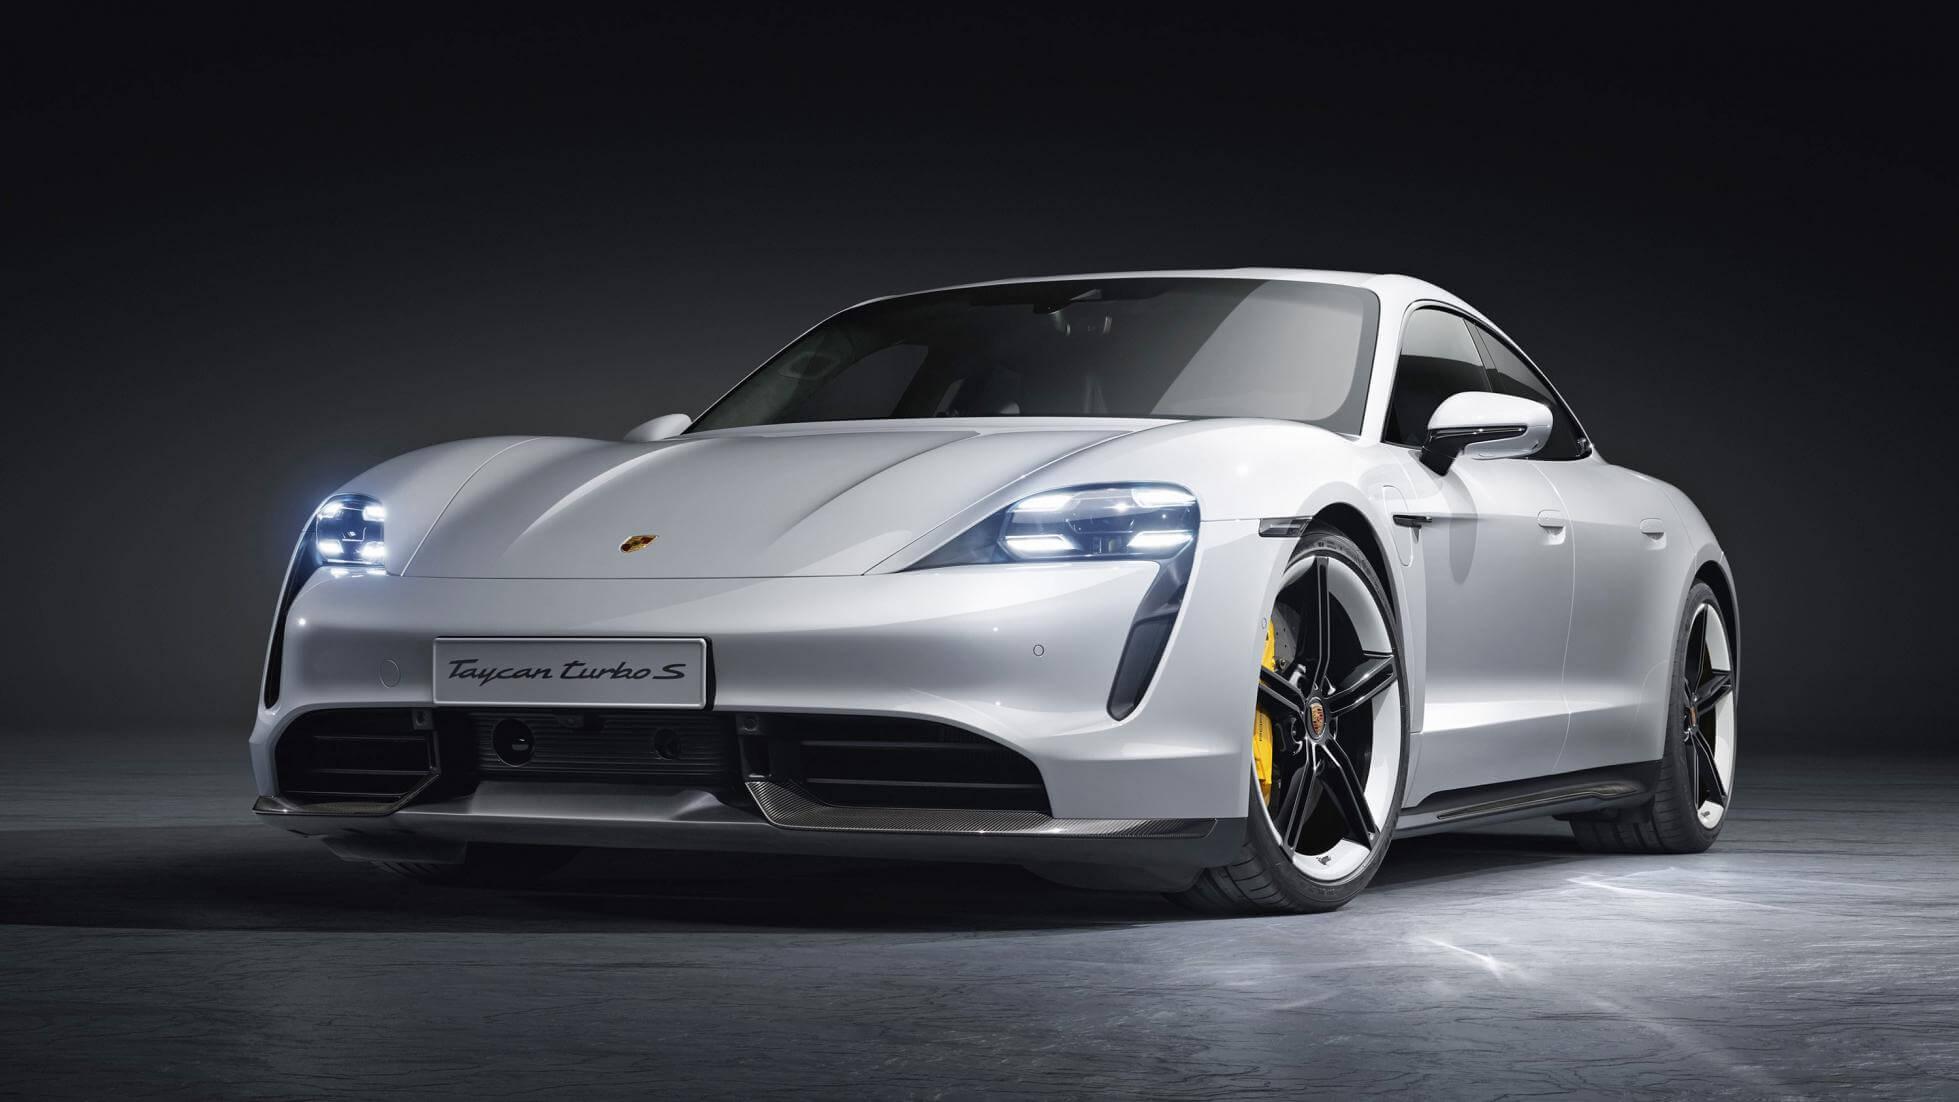 Билл Гейтс предпочёл Porsche Taycan и рассказал о ключевой проблеме электромобилей